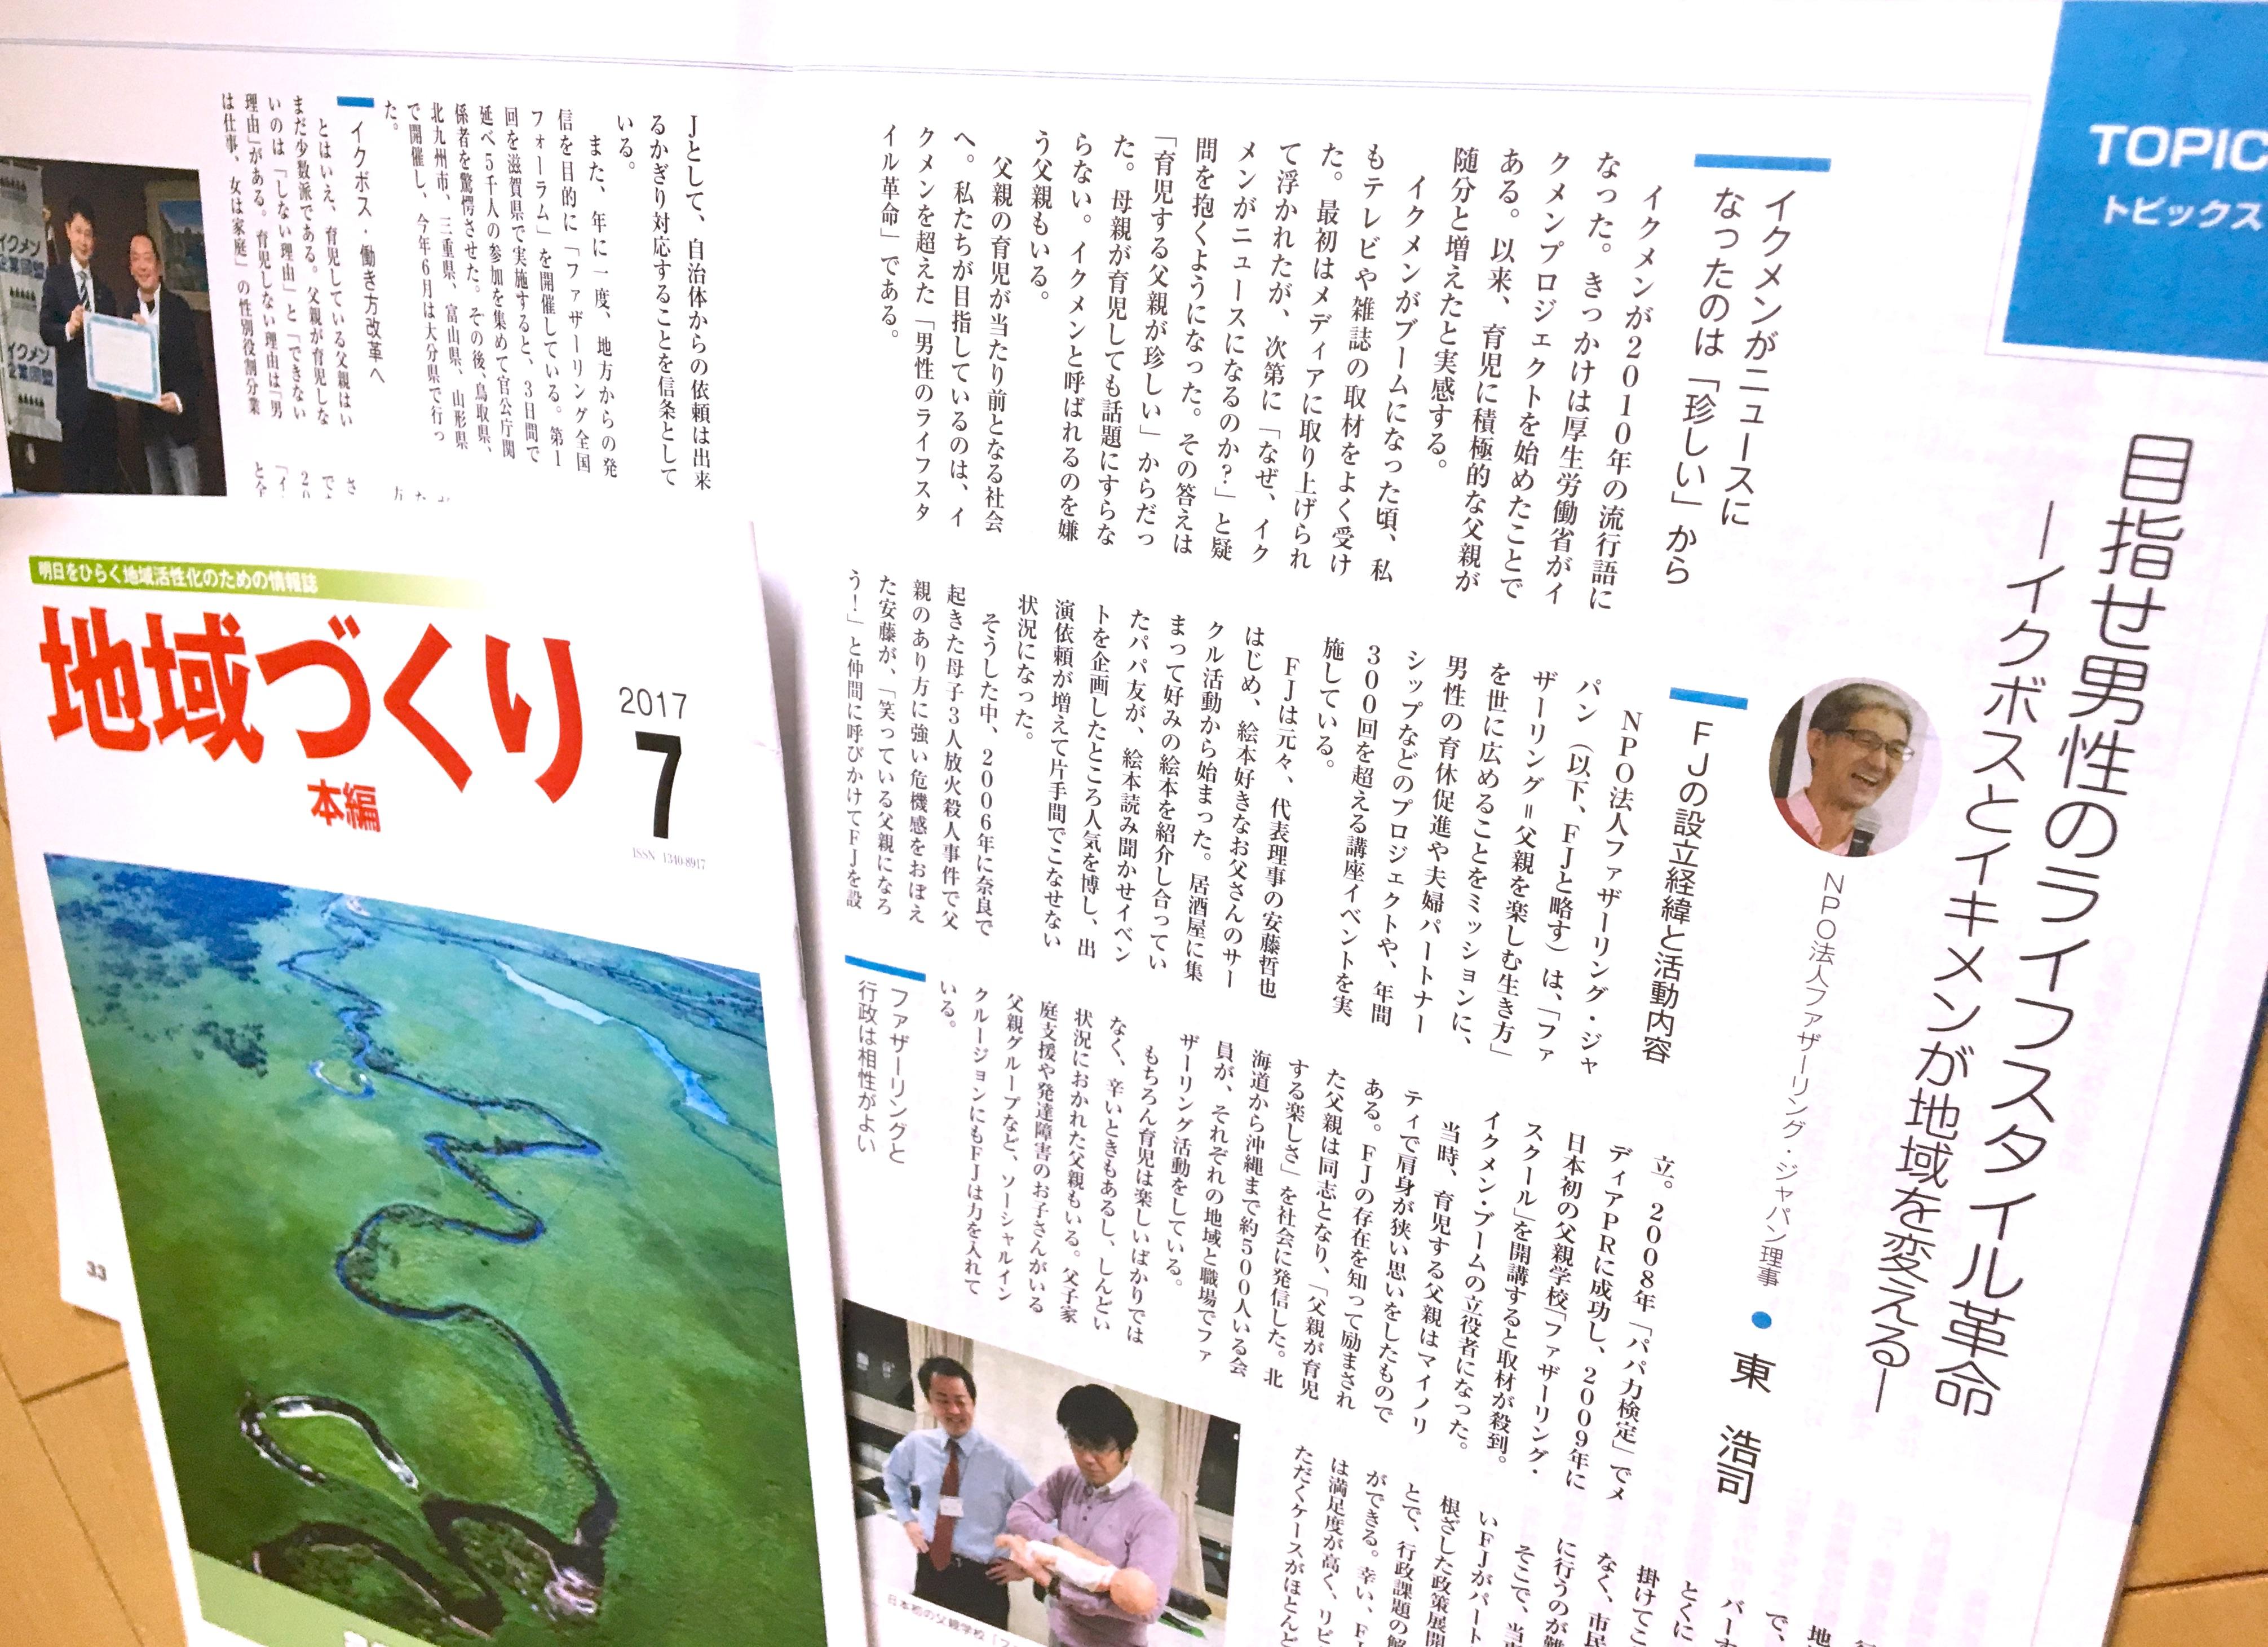 「地域づくり」7月号に寄稿〜子どもたちが30年後に自治の主体者となる